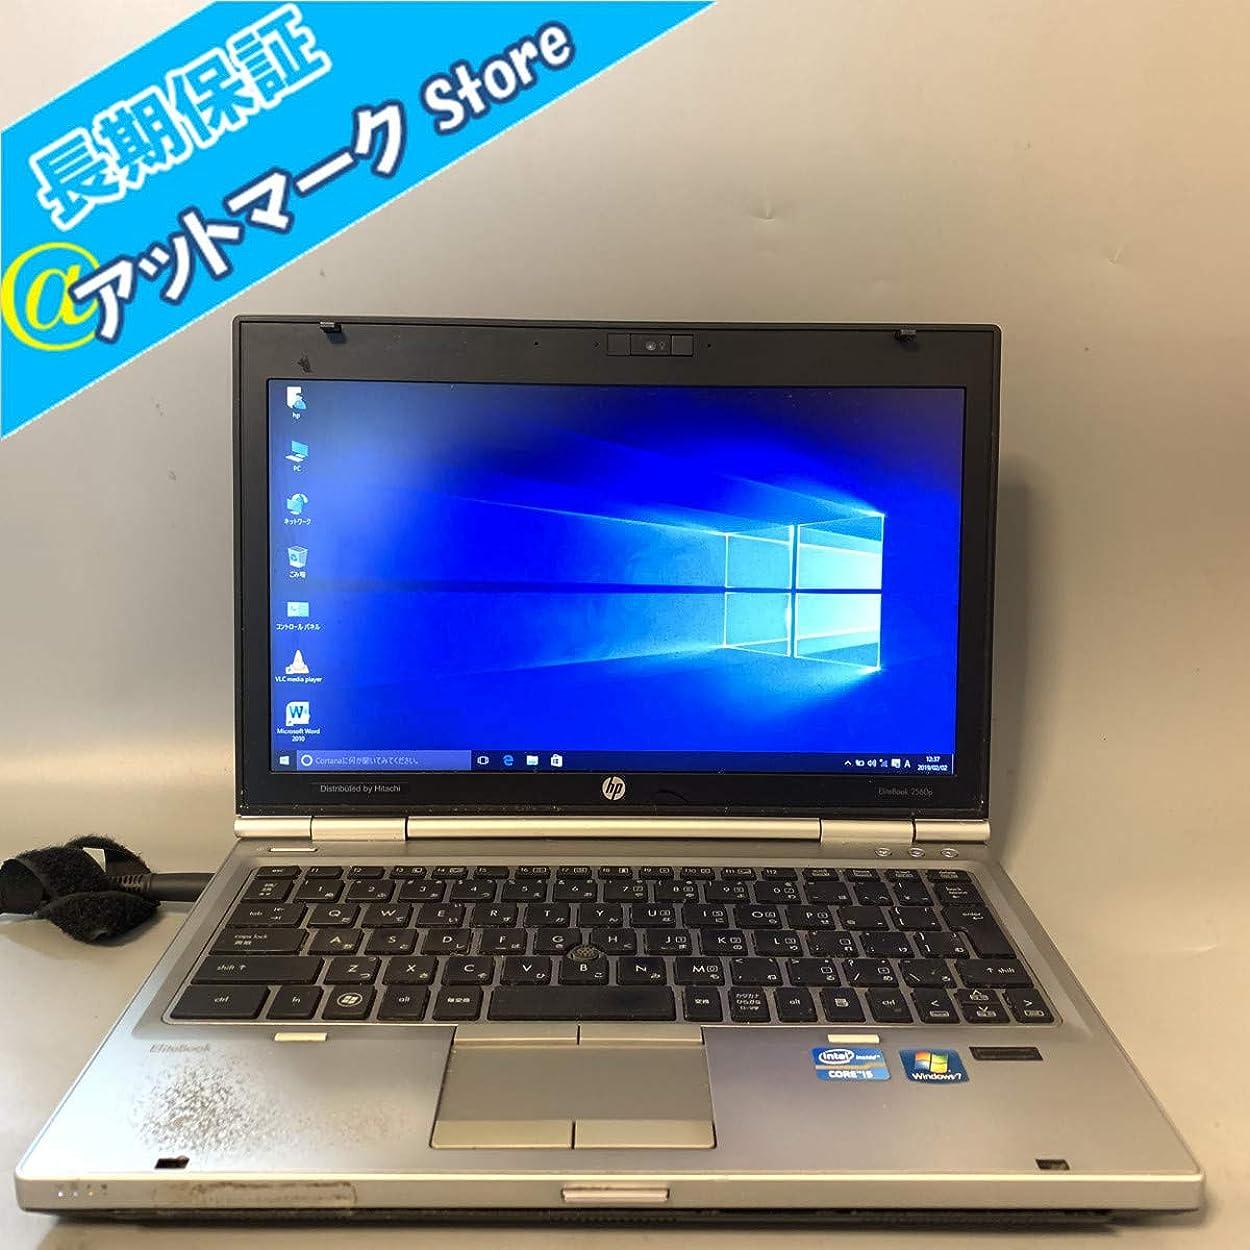 狂った手綱ペンス急ぎ配送可 ノートパソコン 中古動作良品 12.5インチワイド液晶 HP EliteBook 2560p 第2世代 Corei5-2540M 4GB 320GB 無線WIFI 指紋センサー Windows10 Microsft Office2013 インストール済みワード、エクセル、パワーポイント 保証有、返品可、即使用可能